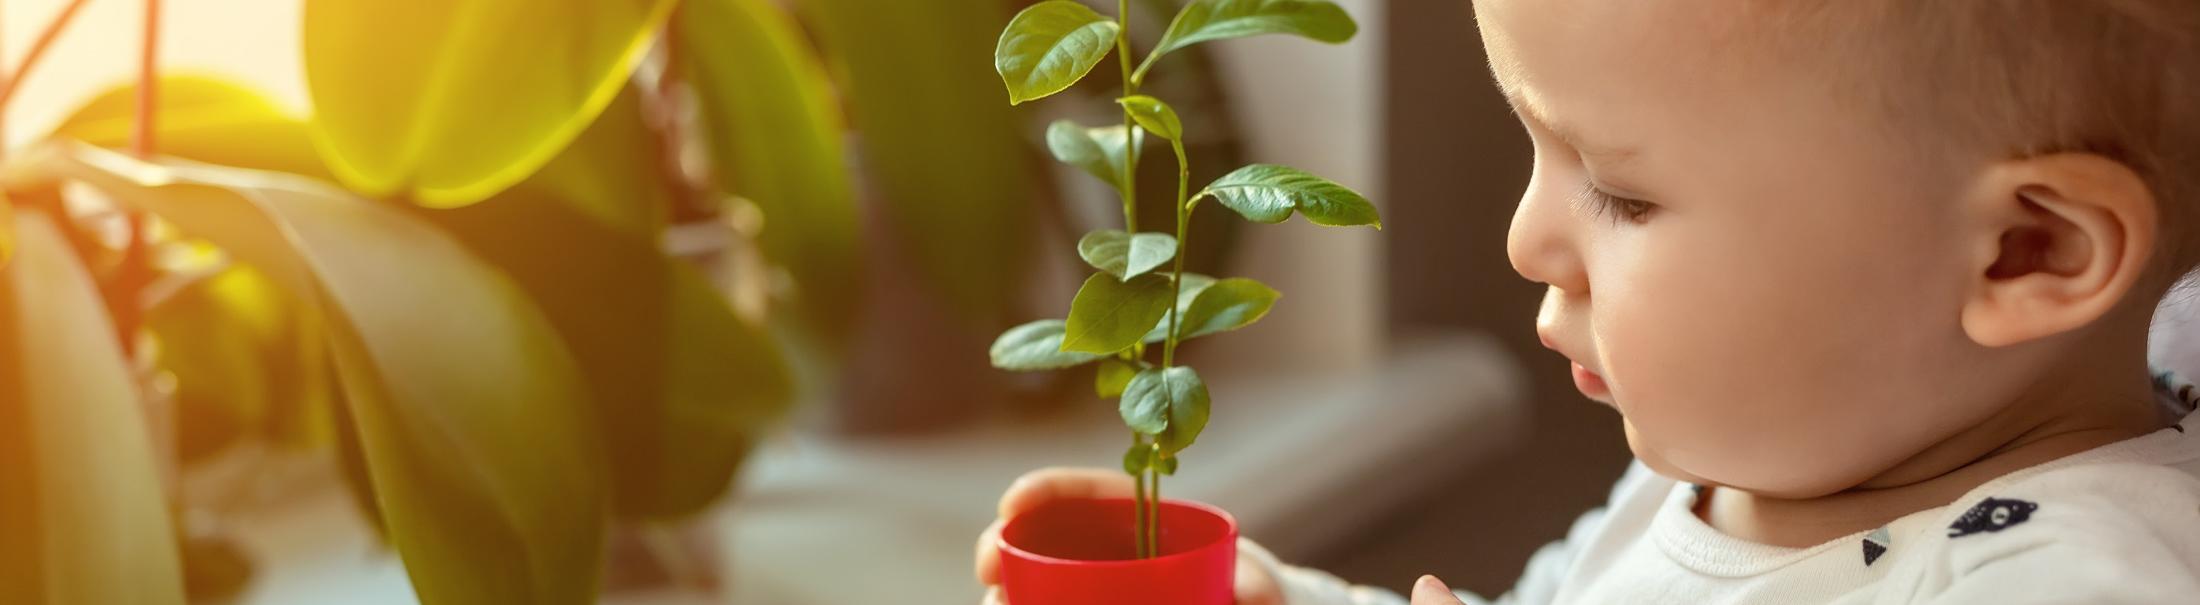 Dziecko i eko – czy to się wyklucza?